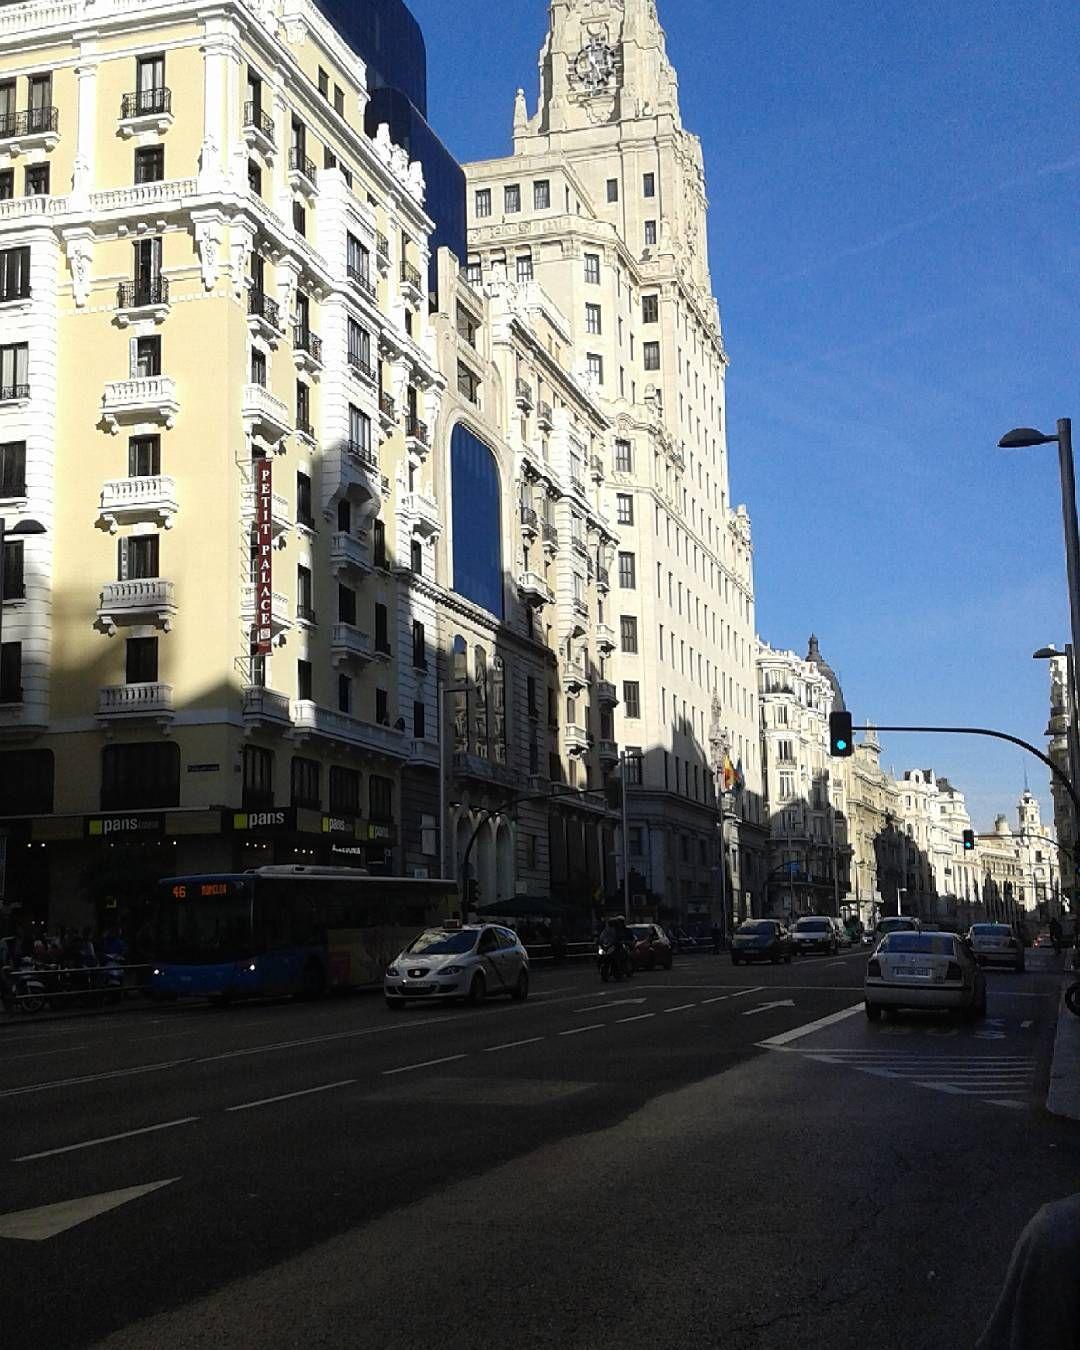 La ciudad de mis sueños  #madrid #madridmemola #madriz #granvia